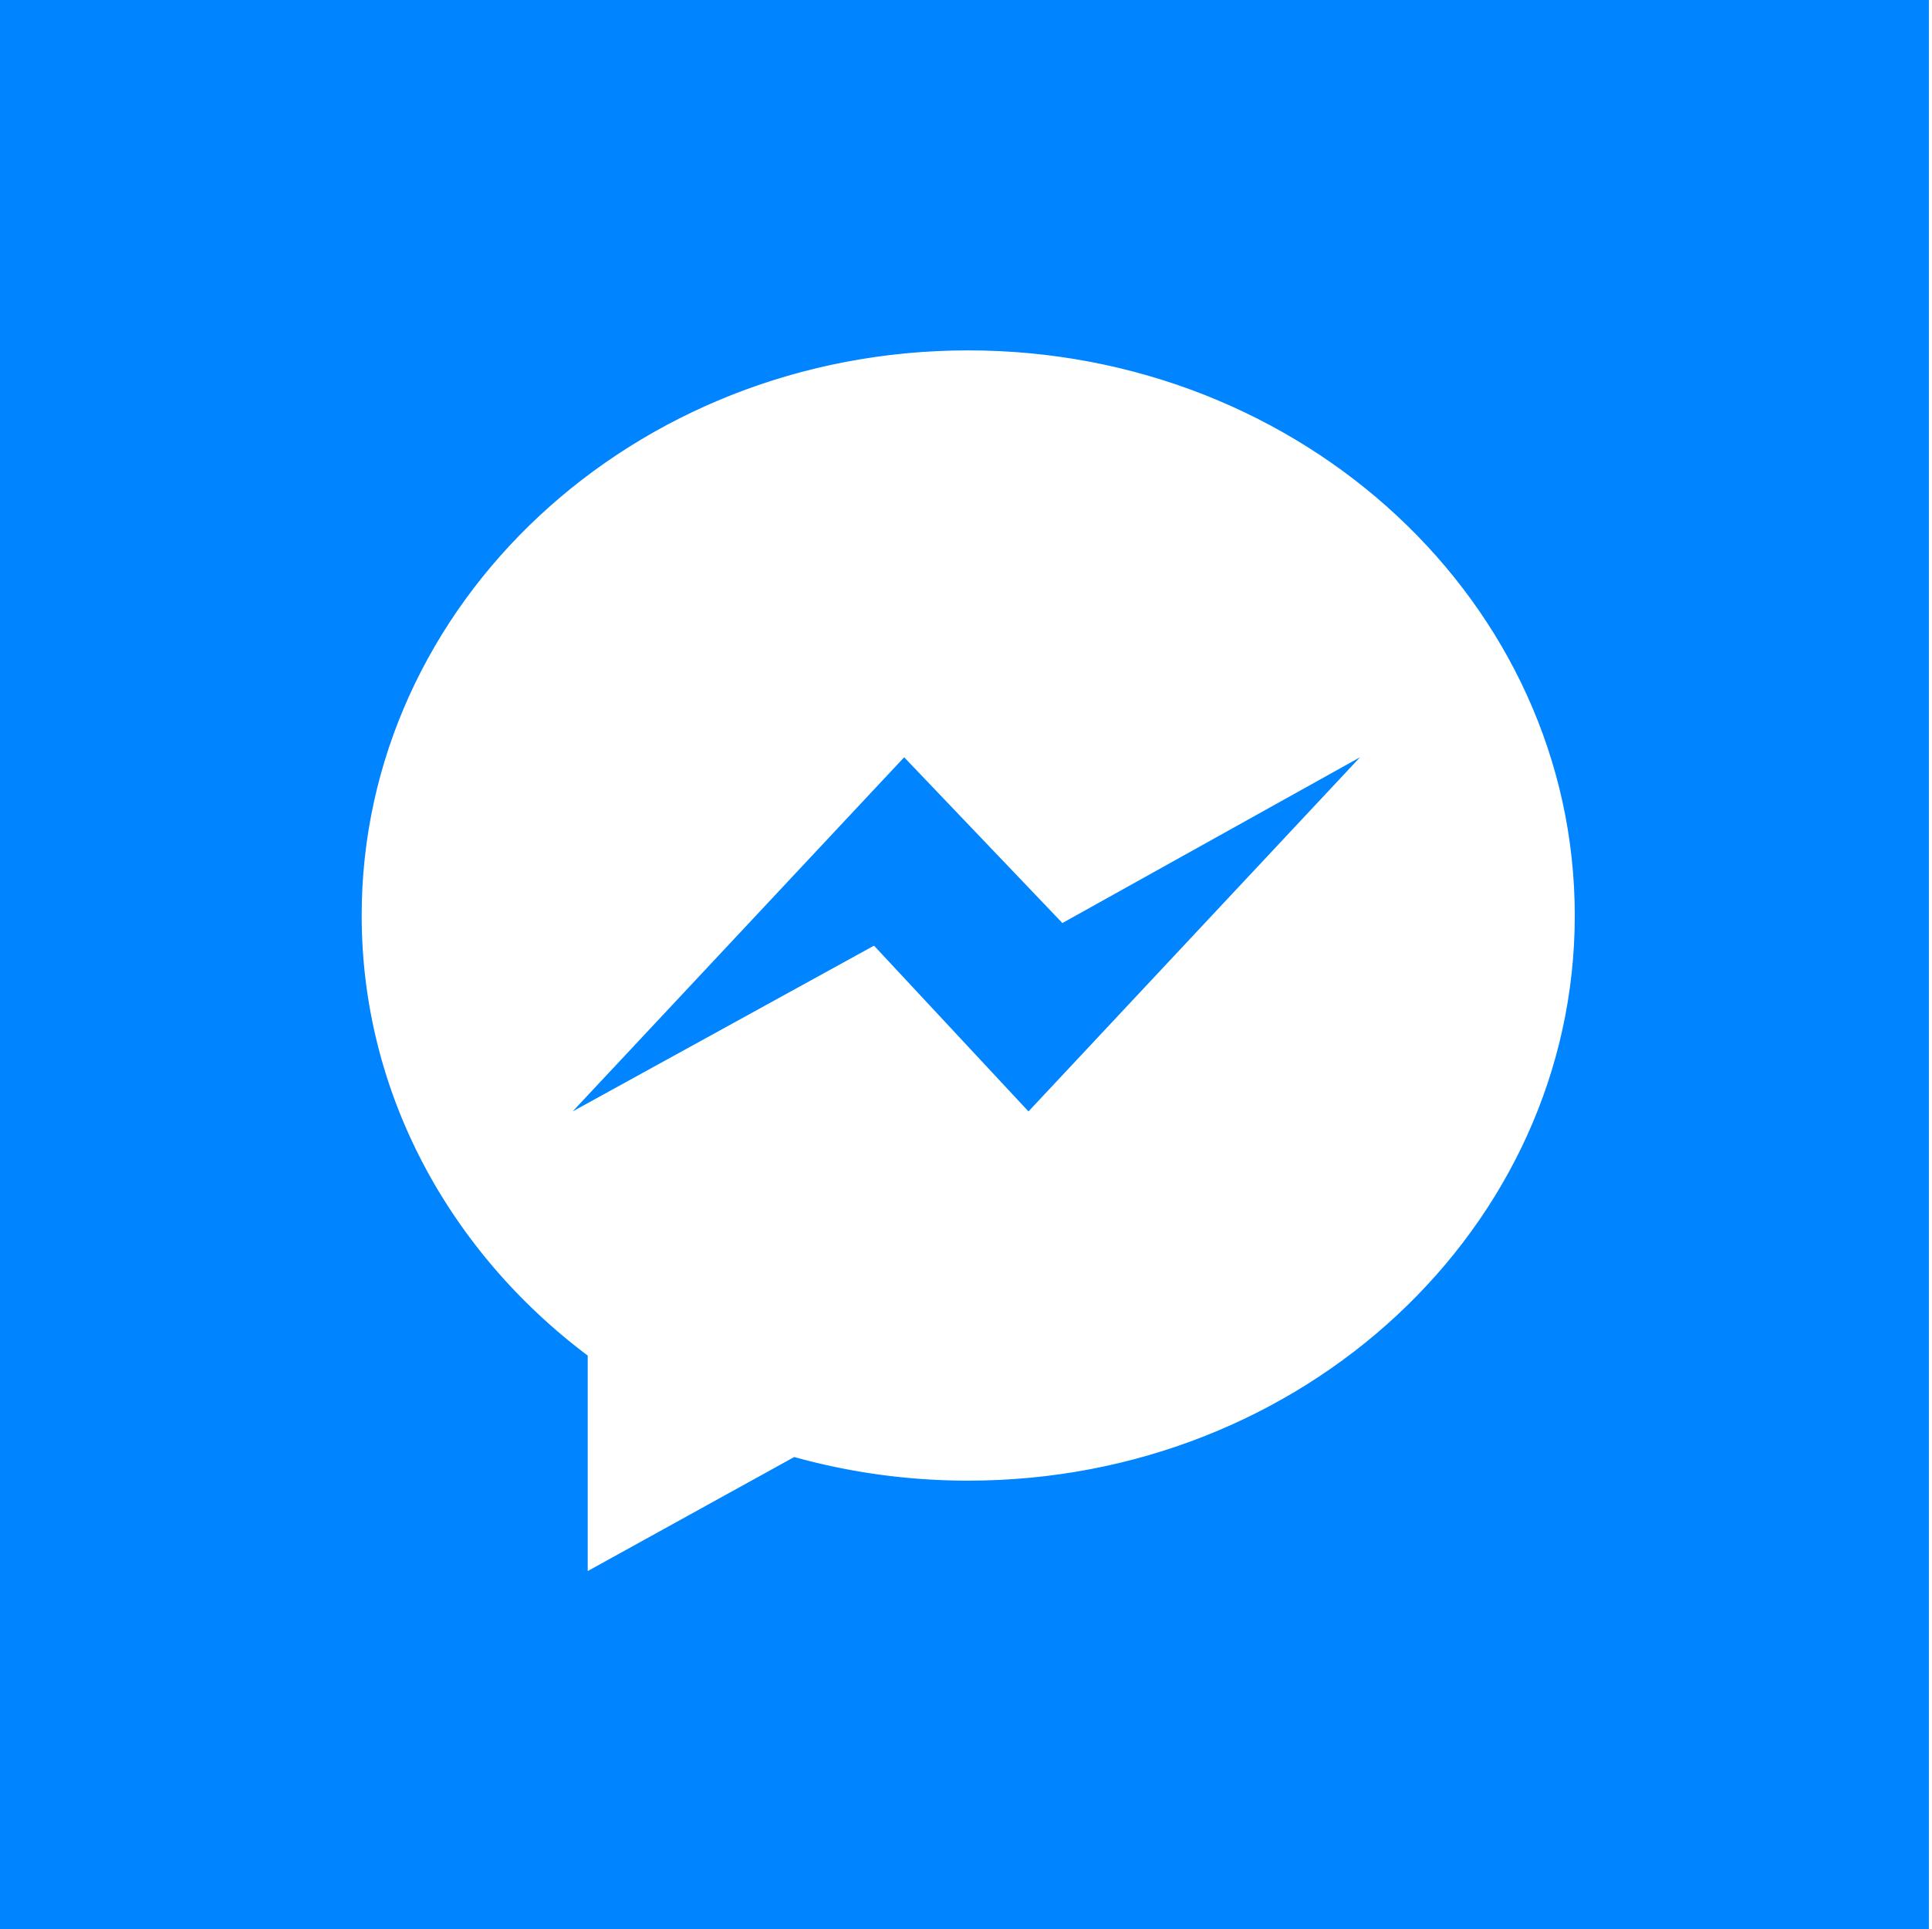 Facebook Messenger White 8logos Facebook Messenger Logo Messenger Logo Facebook Messenger